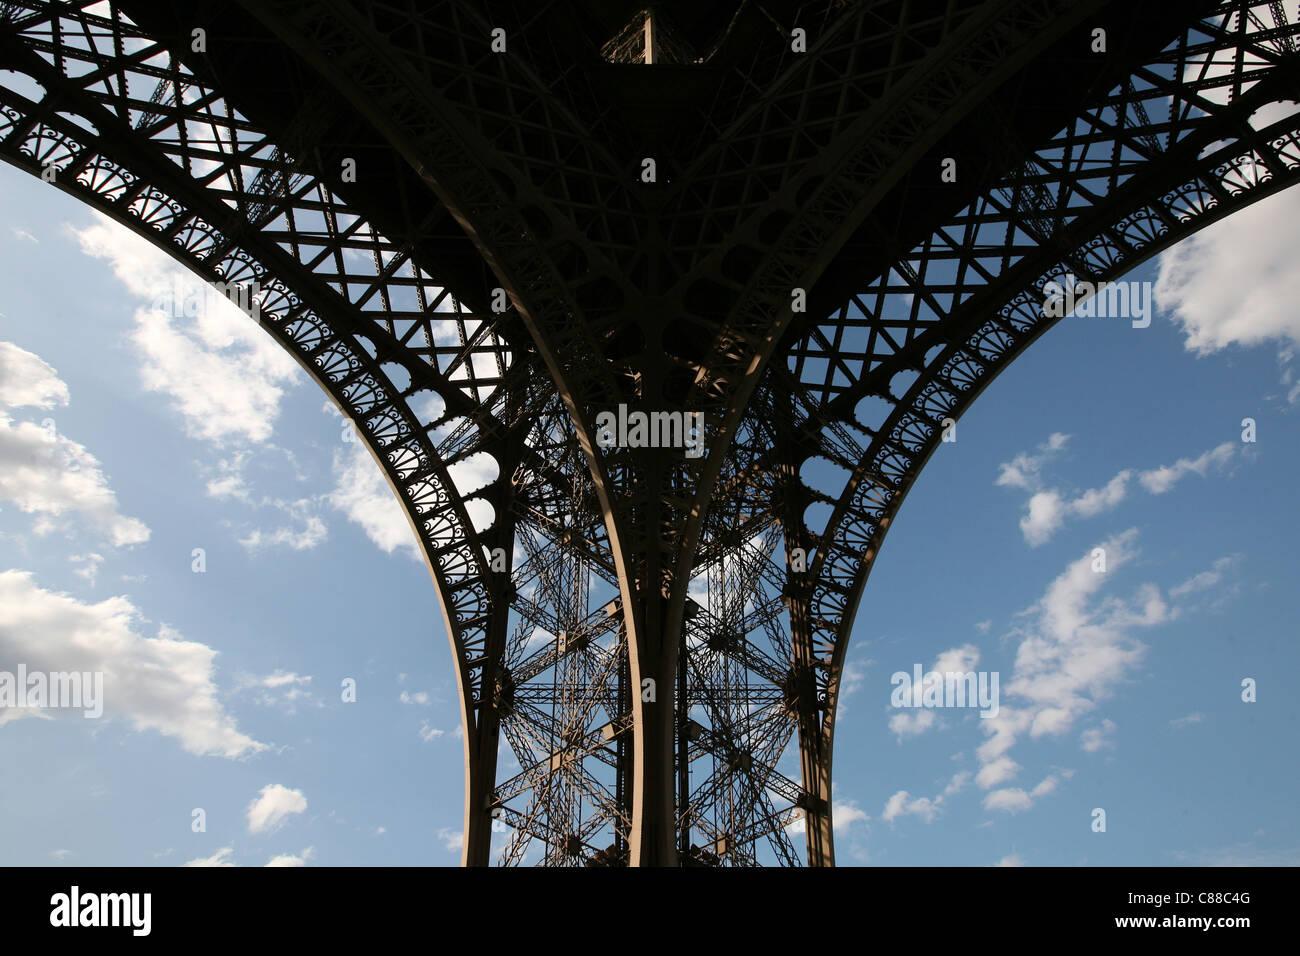 La Tour Eiffel à Paris, France. Banque D'Images